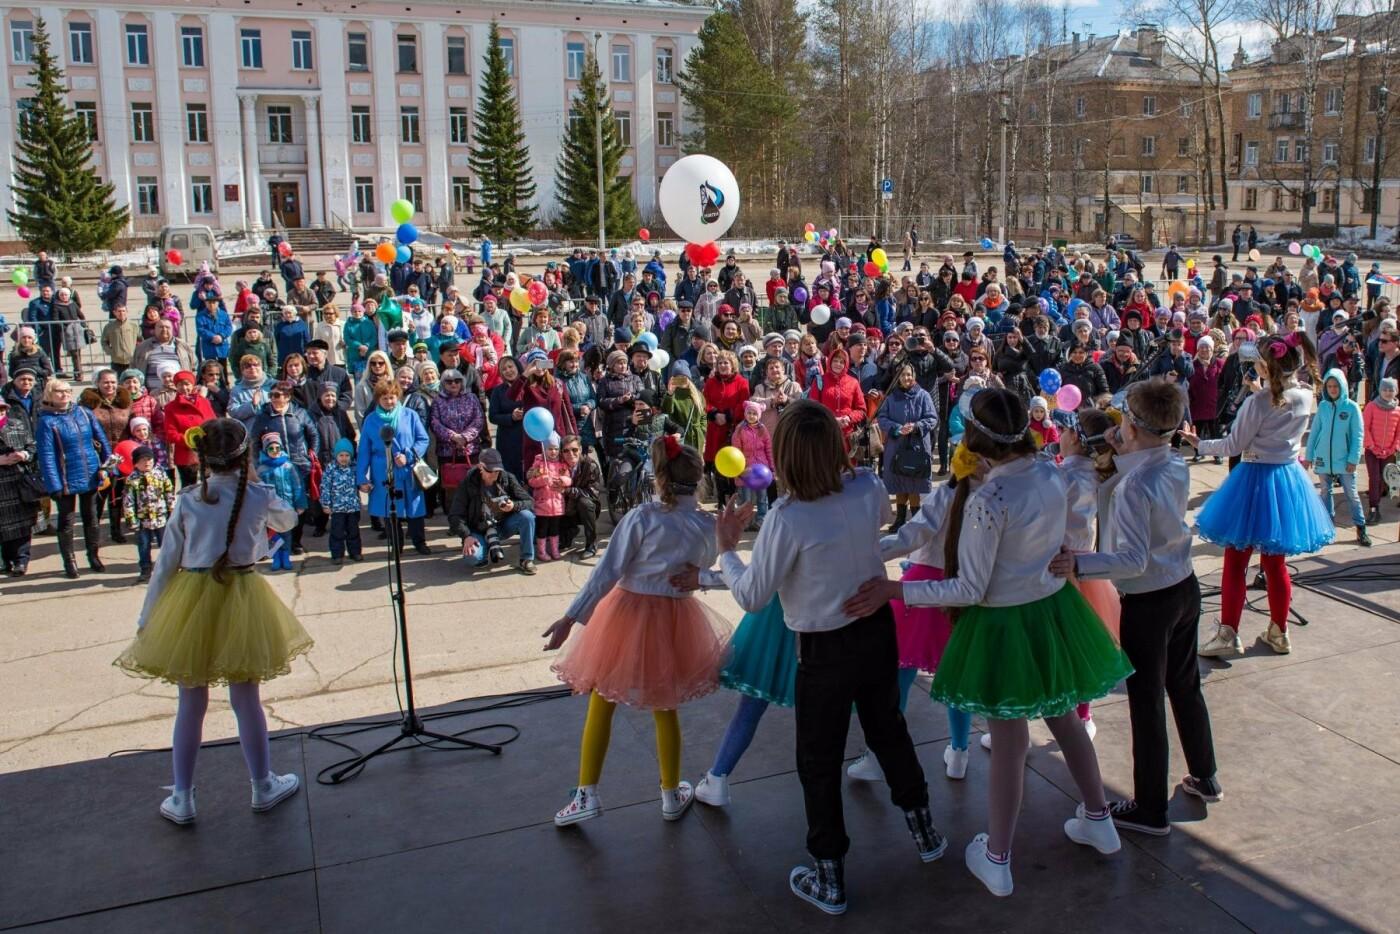 Выступление детского певческого коллектива - Фото предоставлено пресс-службой АМОГО «Ухта